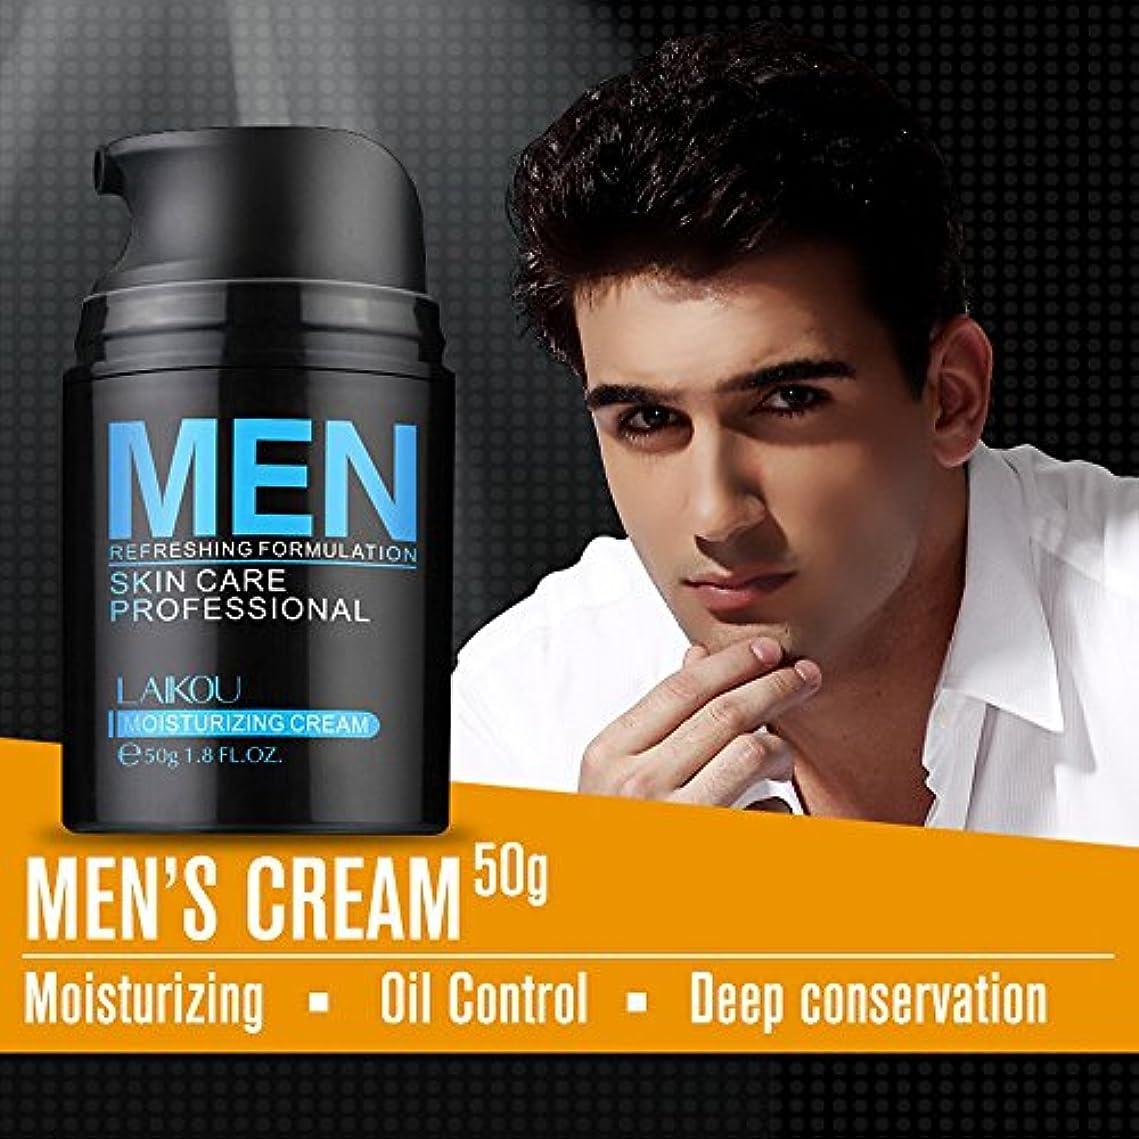 寝るありそうブリーフケースAkane LAIKOU 男子 押す 顔洗い 素敵 水分補給 オイルコントロール 保湿 すがすがしい 角質除去 クレンジング 浄化 使いやすい 洗顔料 アロエクリーム